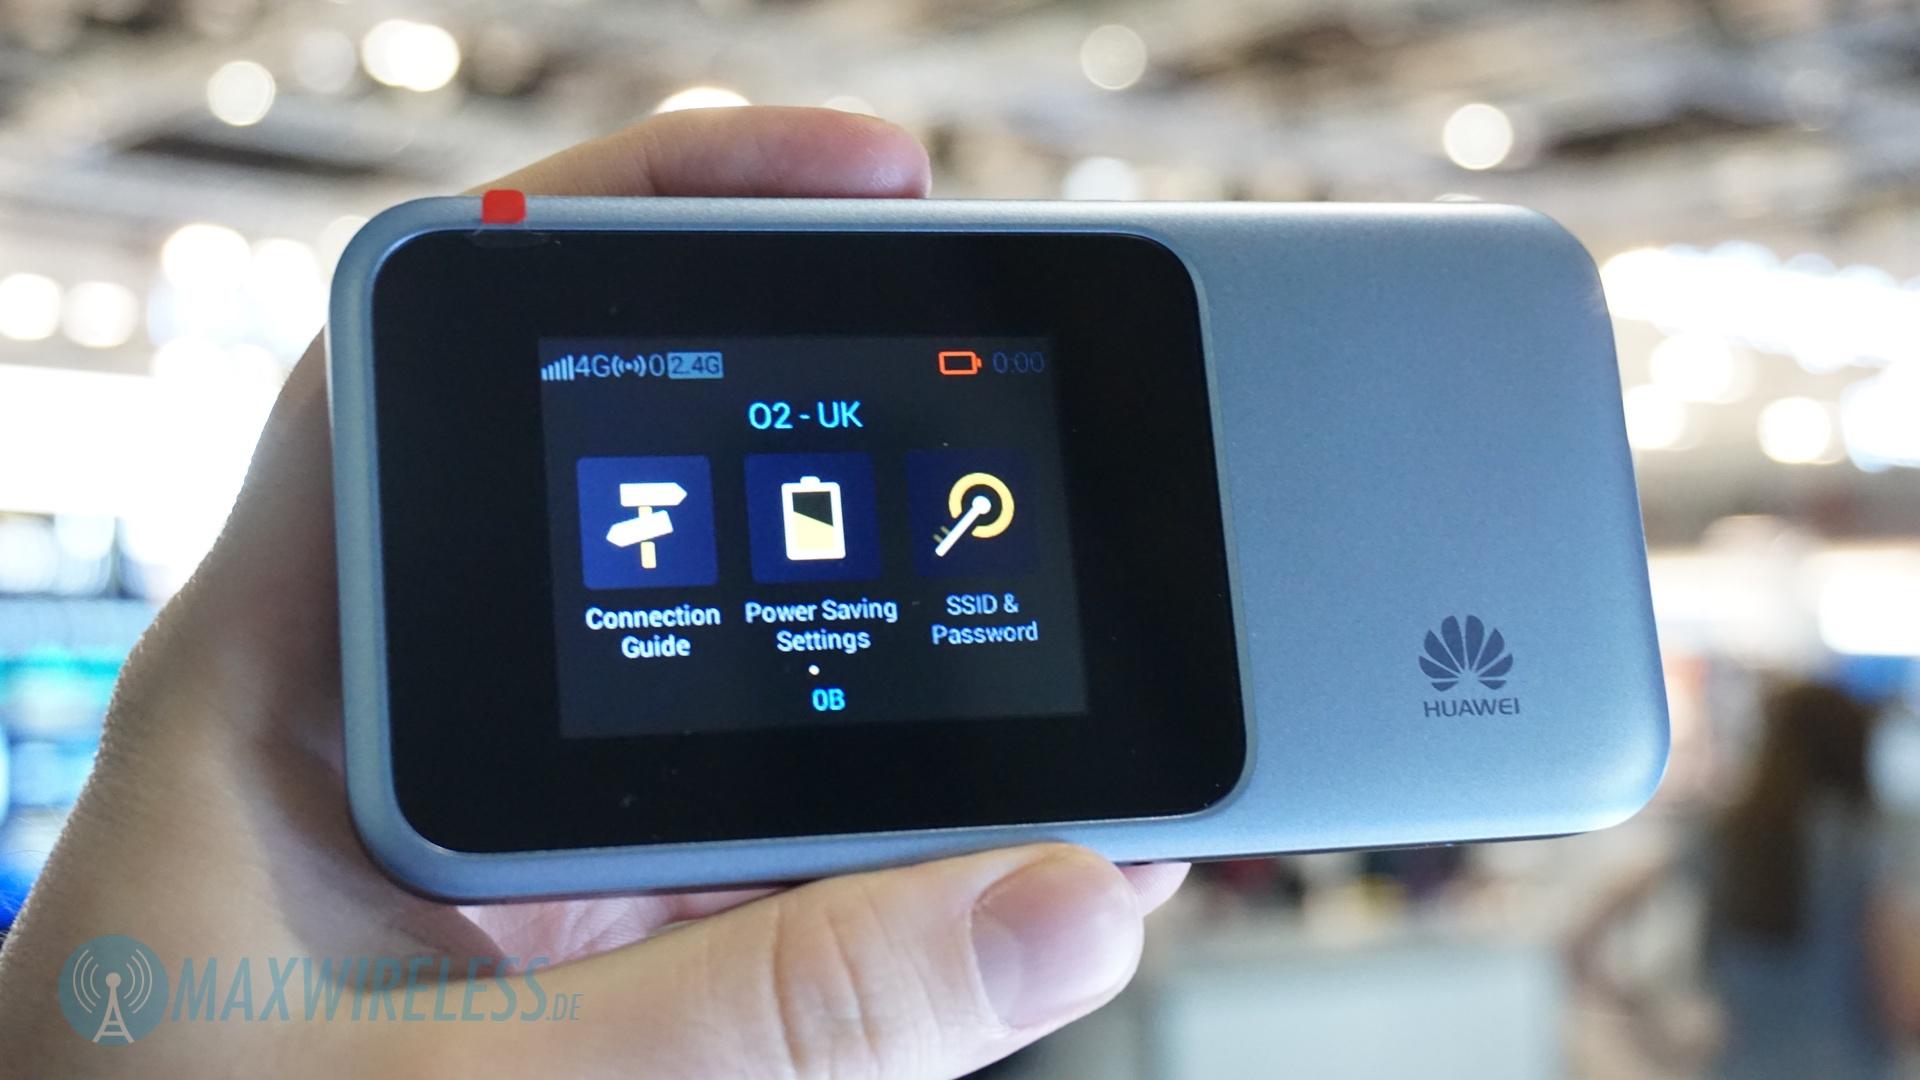 Huawei E5788 Gigabit Hotspot Jetzt In Deutschland Erhltlich Modem B310 4g Lte